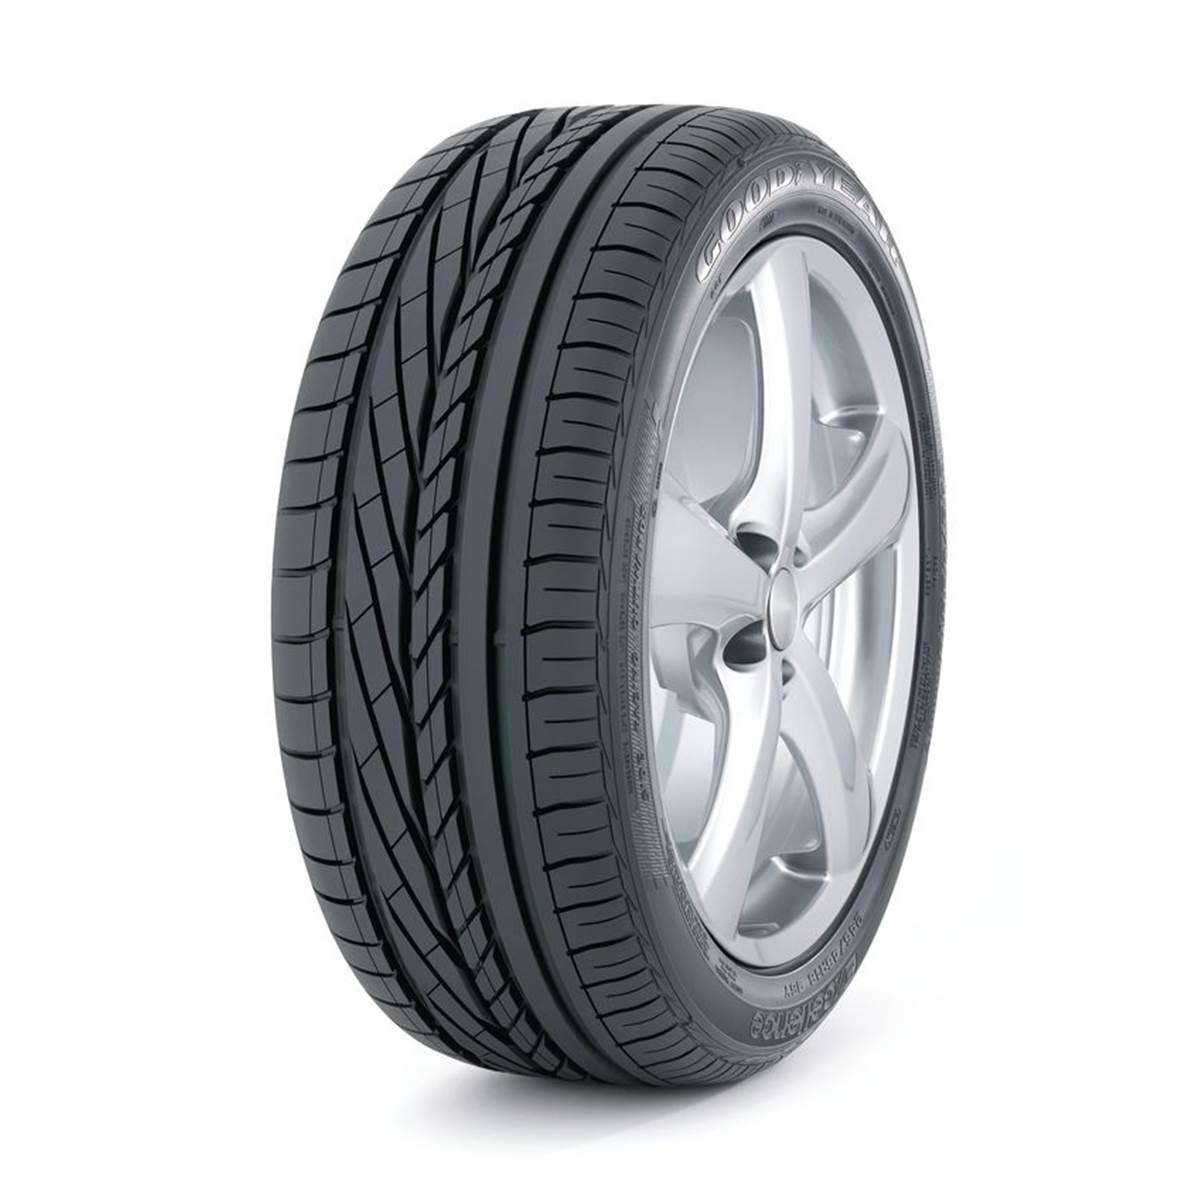 pneu goodyear 215 55r16 97w xl excellence